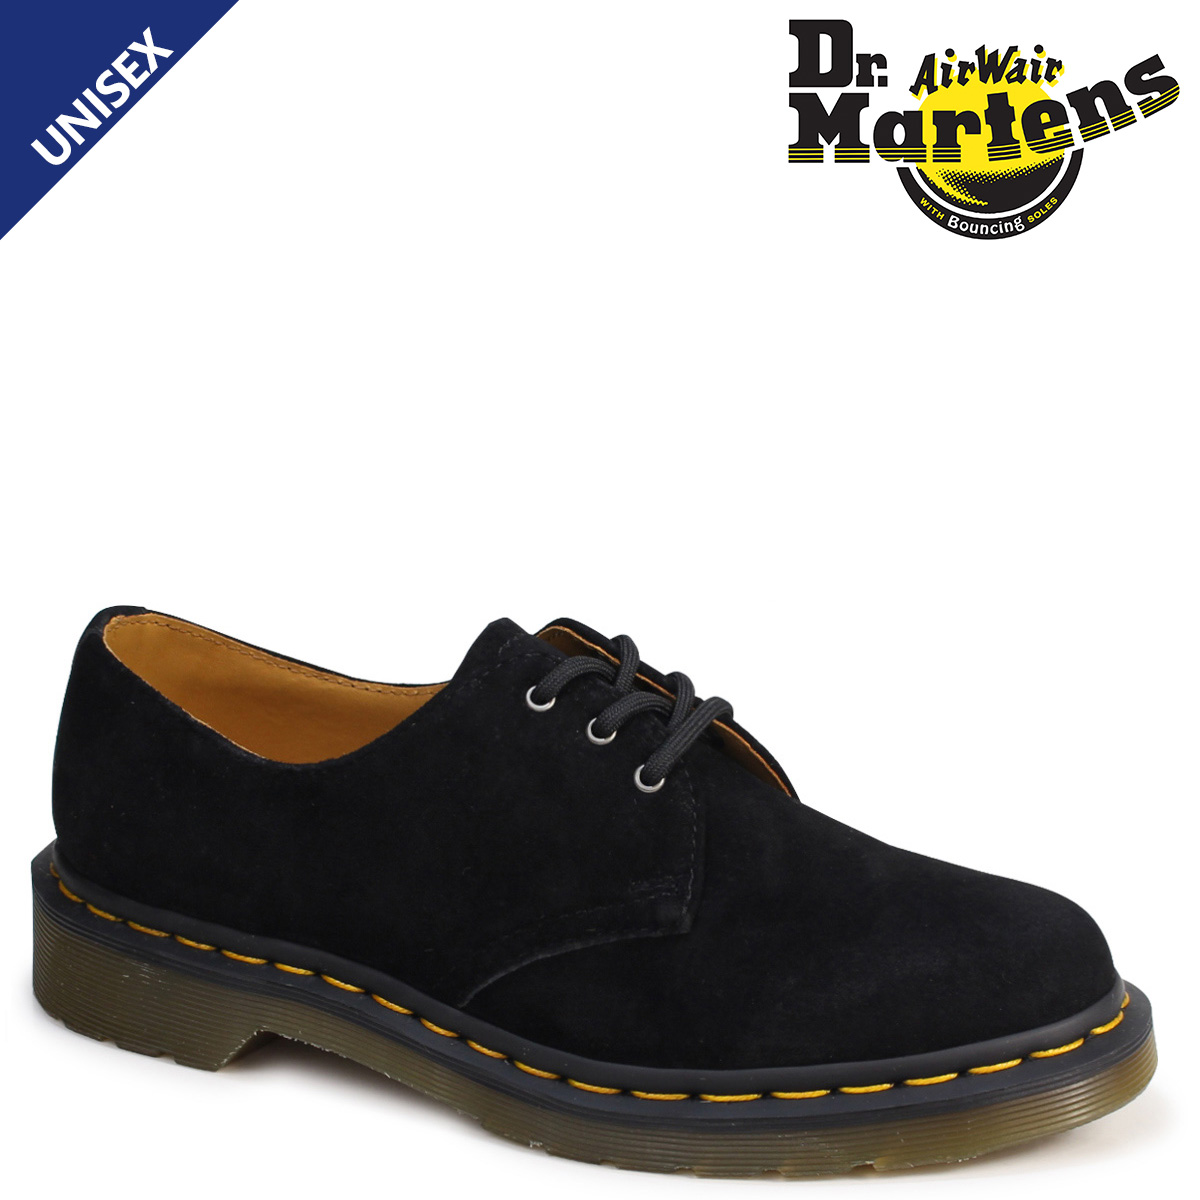 ドクターマーチン 3ホール 1461 メンズ レディース Dr.Martens オックスフォード シューズ 3EYELET SHOE R21471001 ブラック